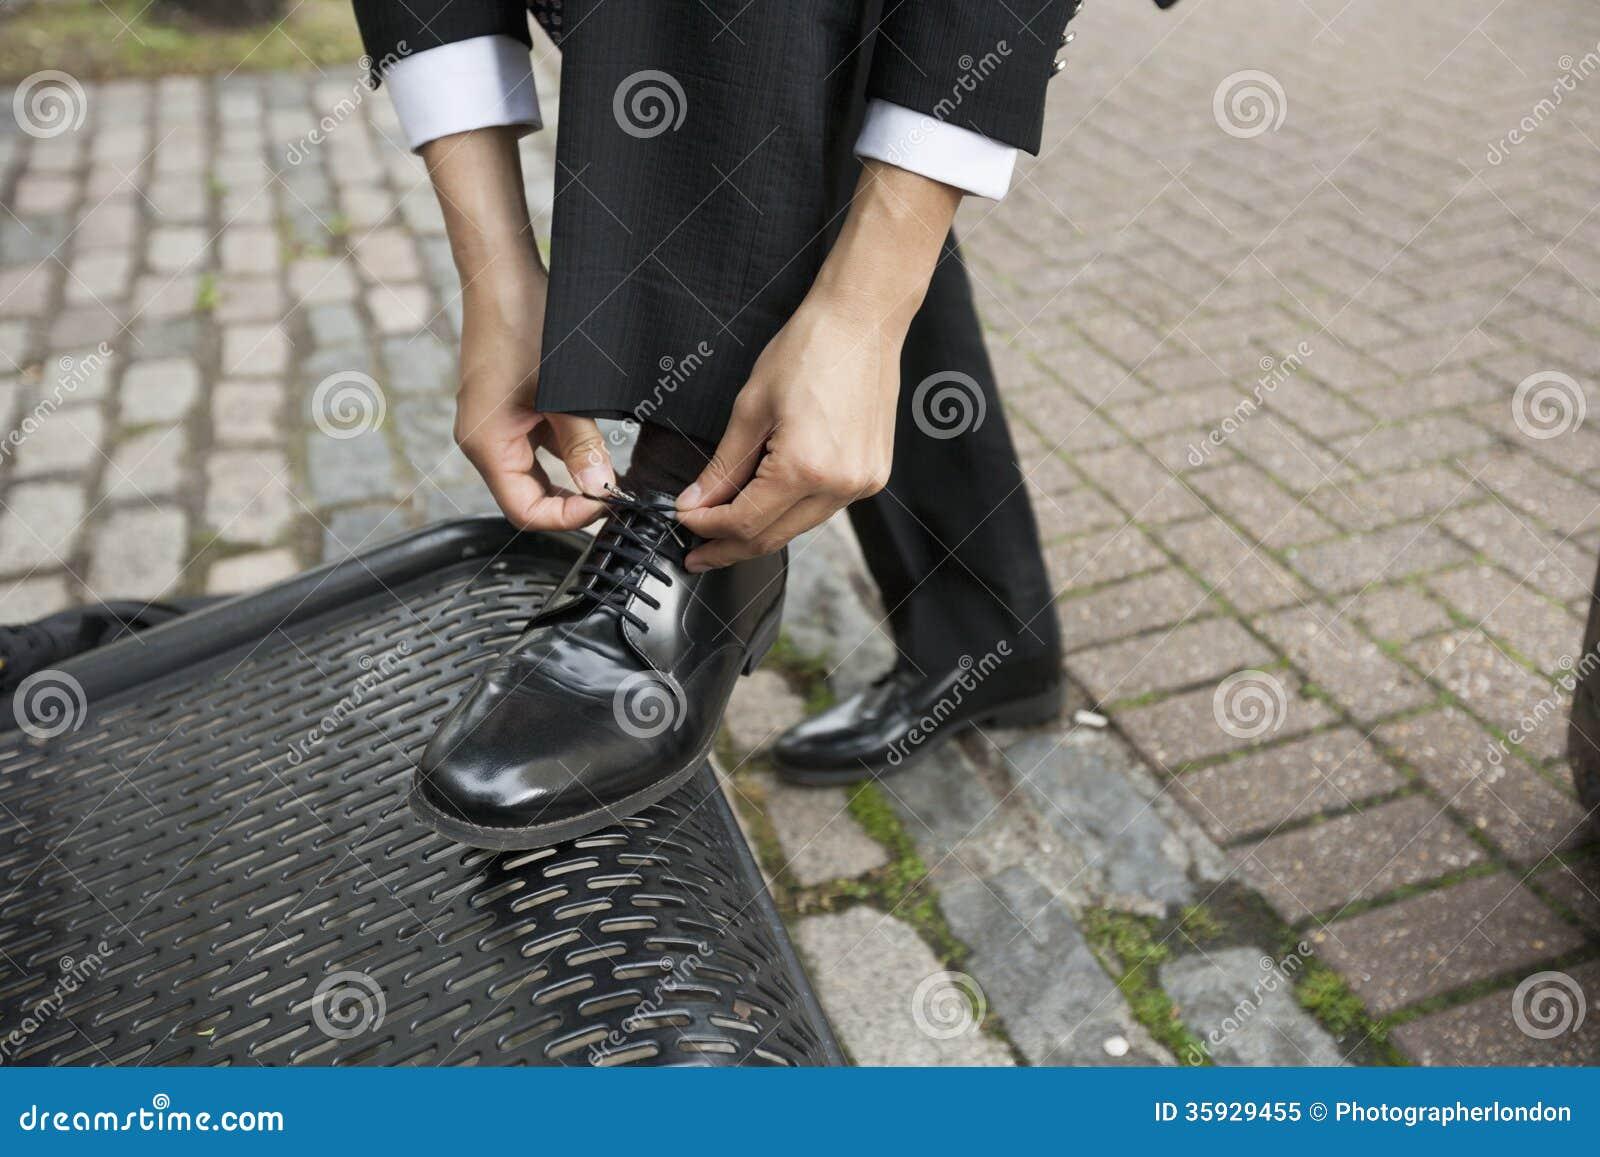 Geerntetes Bild des Geschäftsmannes seinen Schuh auf Bank binden